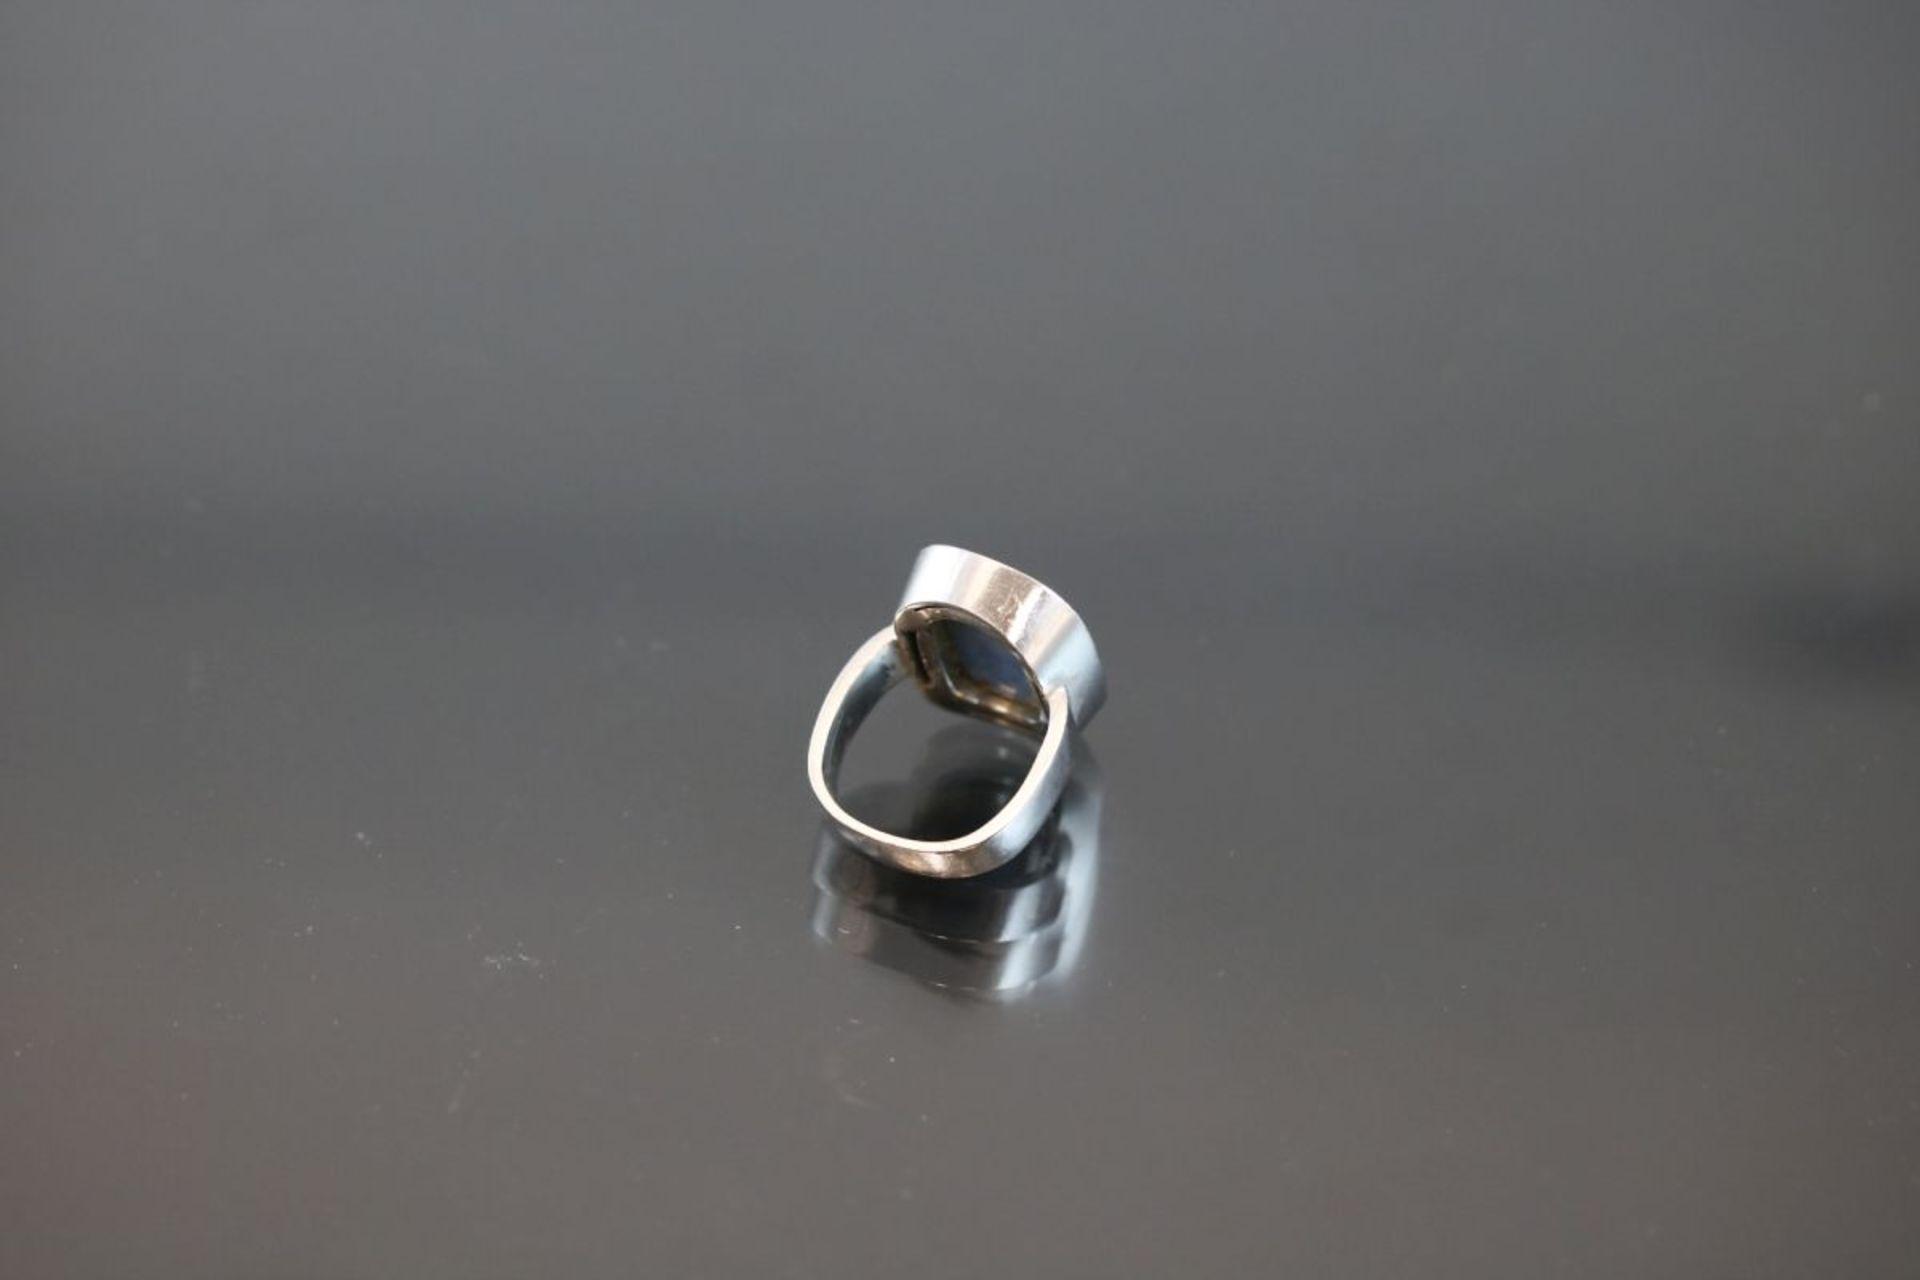 Opal-Brillant-Ring, 750 Weißgold11,3 Gramm 22 Brillanten, 0,66 ct., tw/vsi. Ringgröße: - Bild 3 aus 3